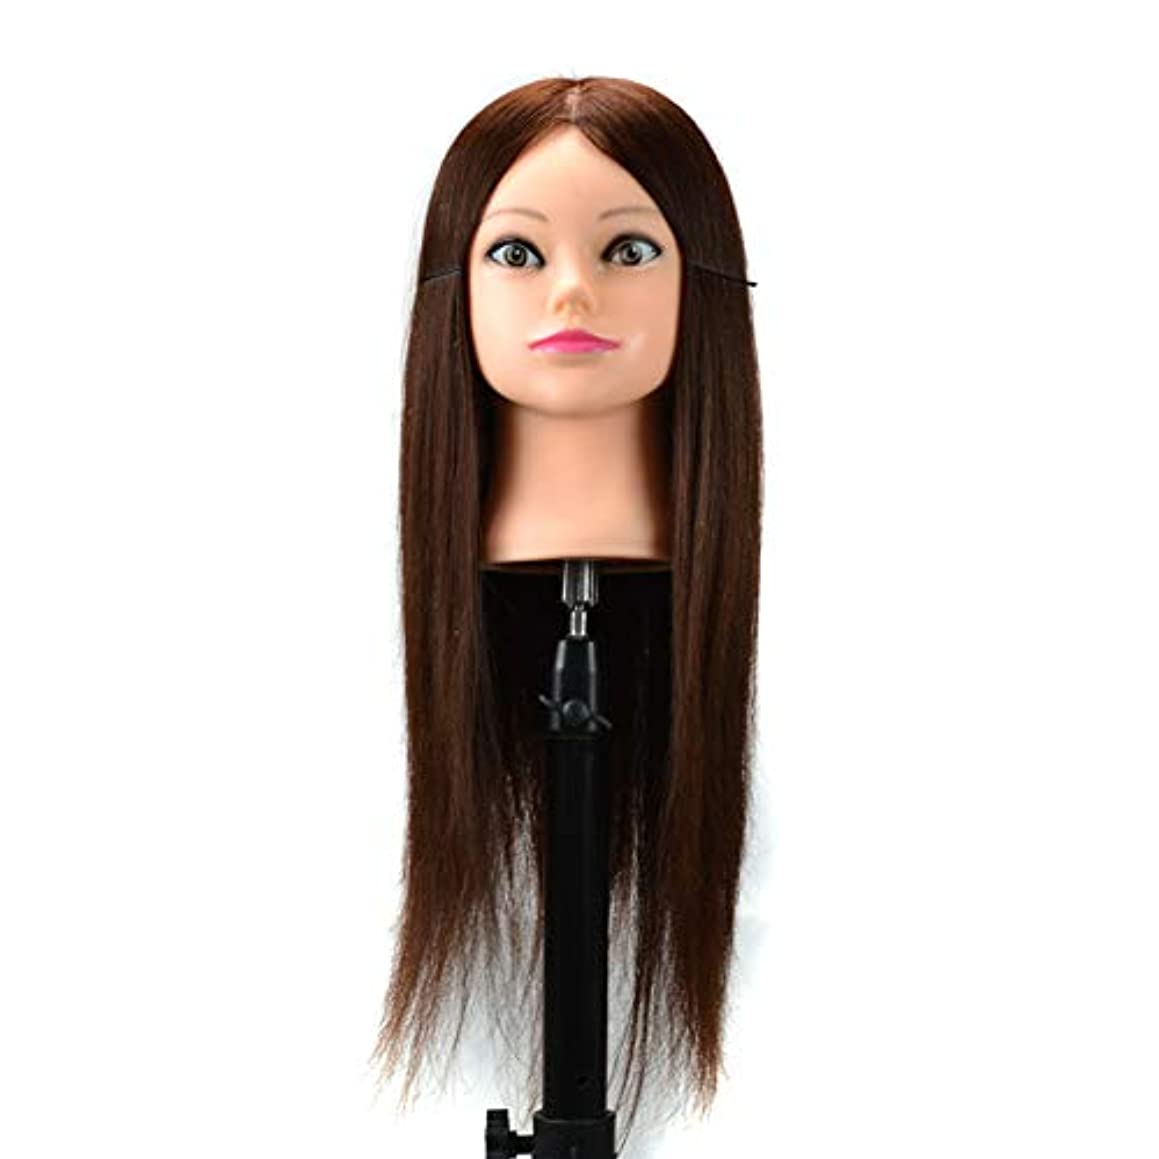 刺激する華氏挨拶する人間の髪の毛のトレーニングヘッドにすることができますヘアカール練習ヘッド型スタイリング編組ダミーヘッドディスクヘアメイクウィッグマネキンヘッド